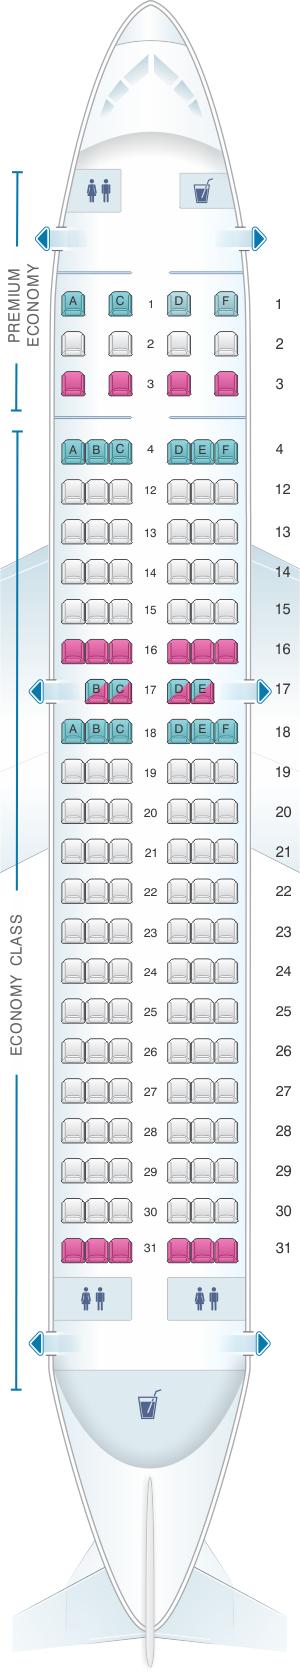 Seat Map Air Canada Airbus A319 100 Config.3 | SeatMaestro.com